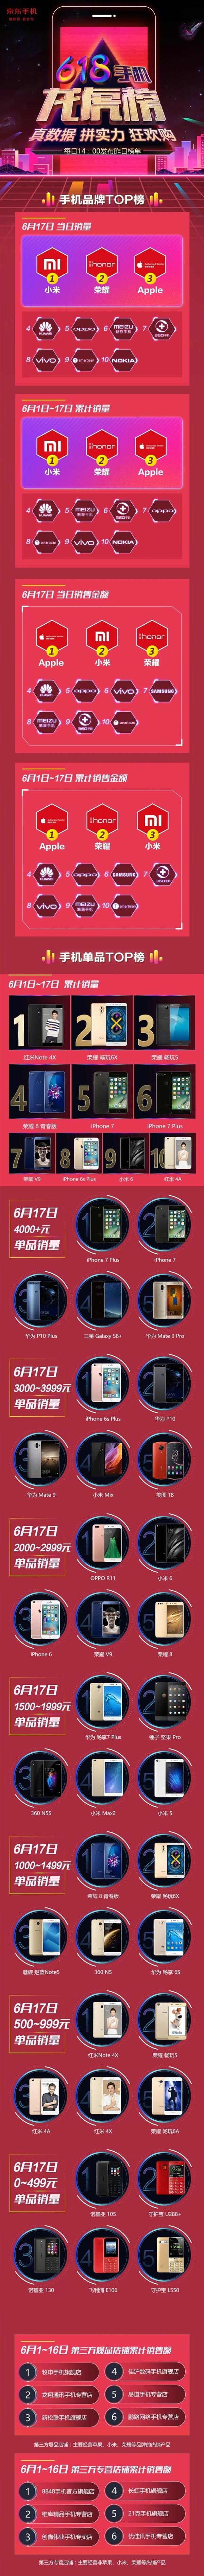 京东618手机销量最新排行:小米持续霸榜